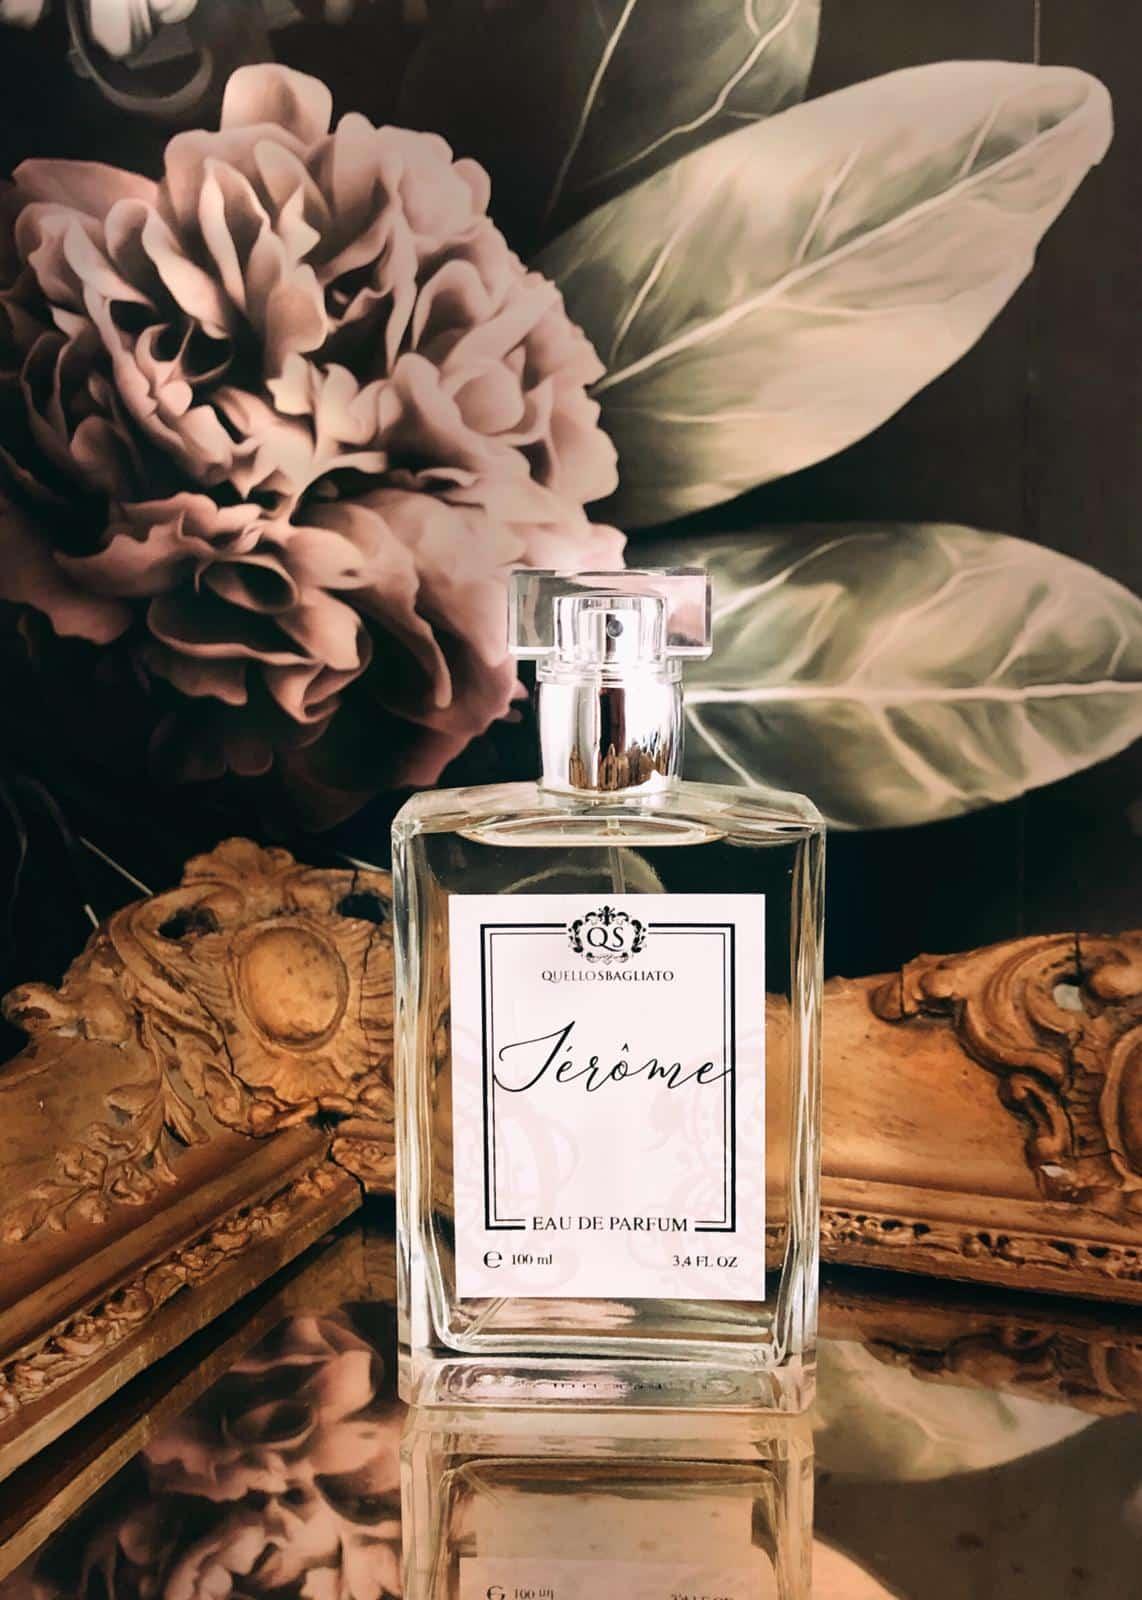 luxury parfum unisex gender free made in italy quello sbagliato jerome ambra profumi di nicchia